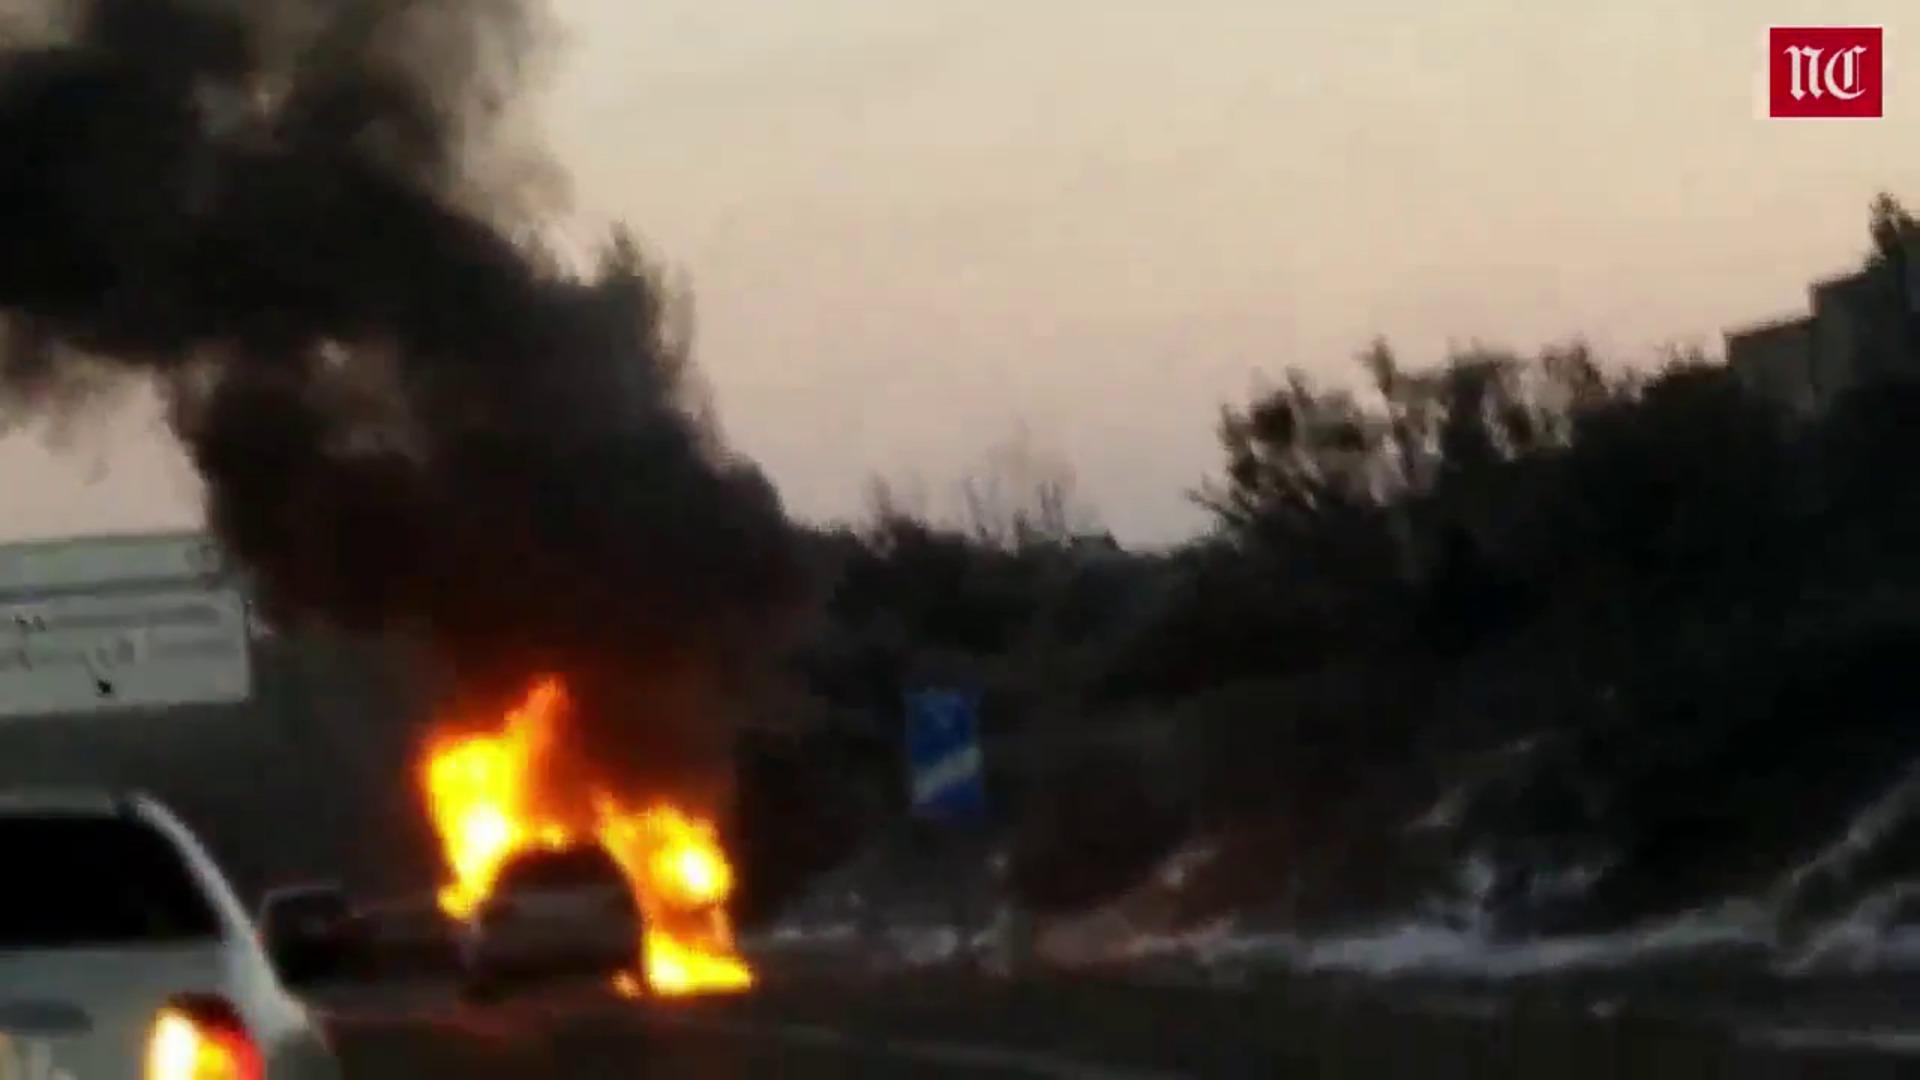 Un vehículo se incendia fortuitamente en Boecillo